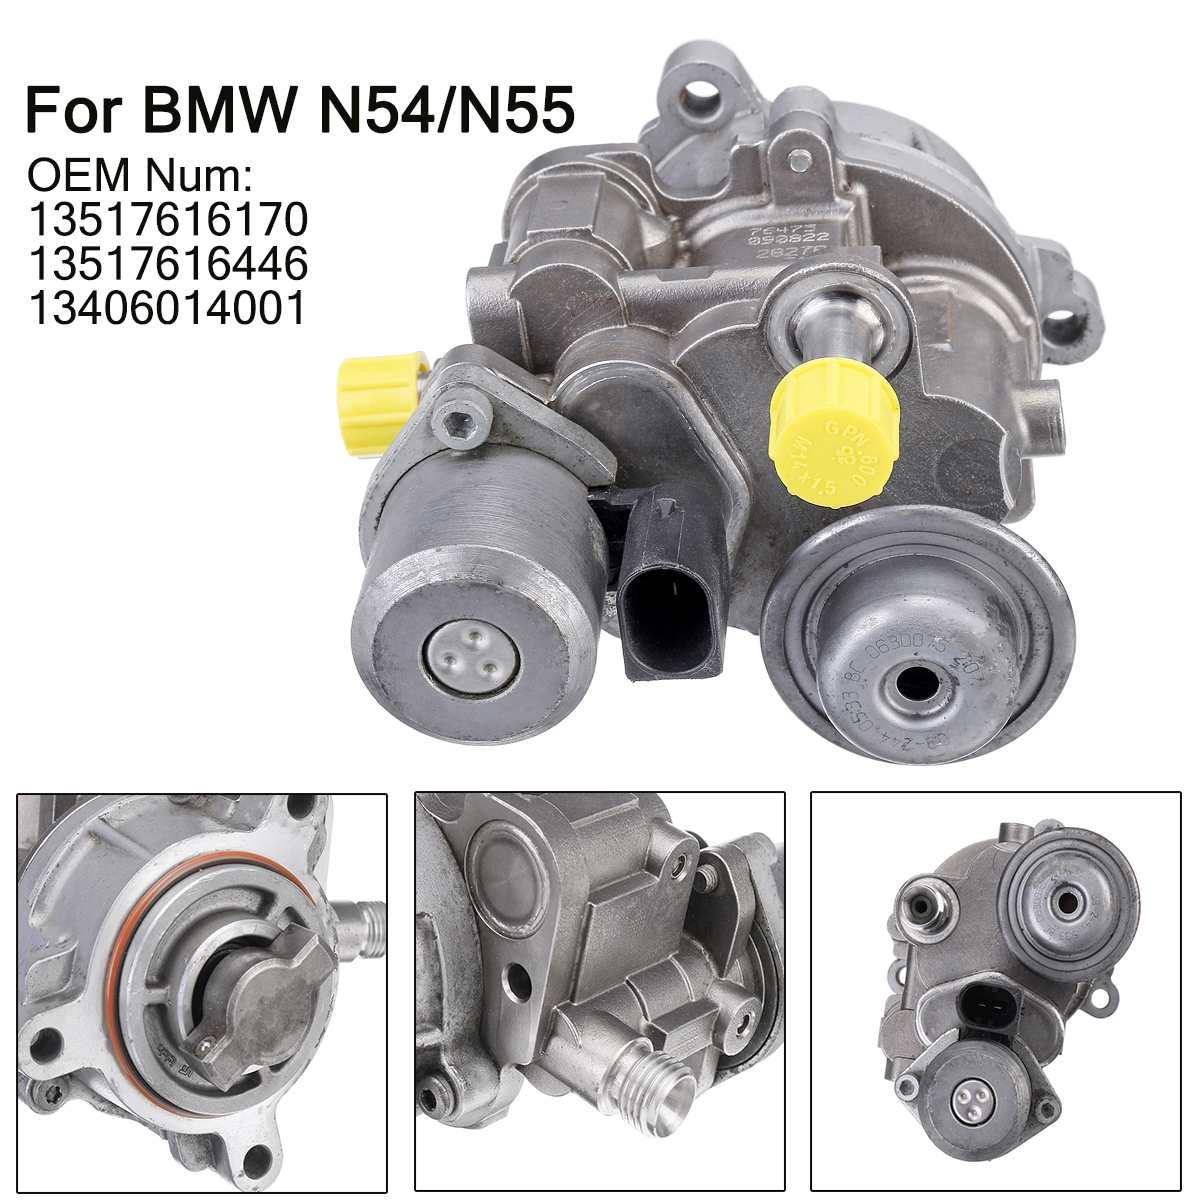 Yüksek basınçlı yakıt pompası 13517616170 13517616446 13406014001 BMW için N54/N55